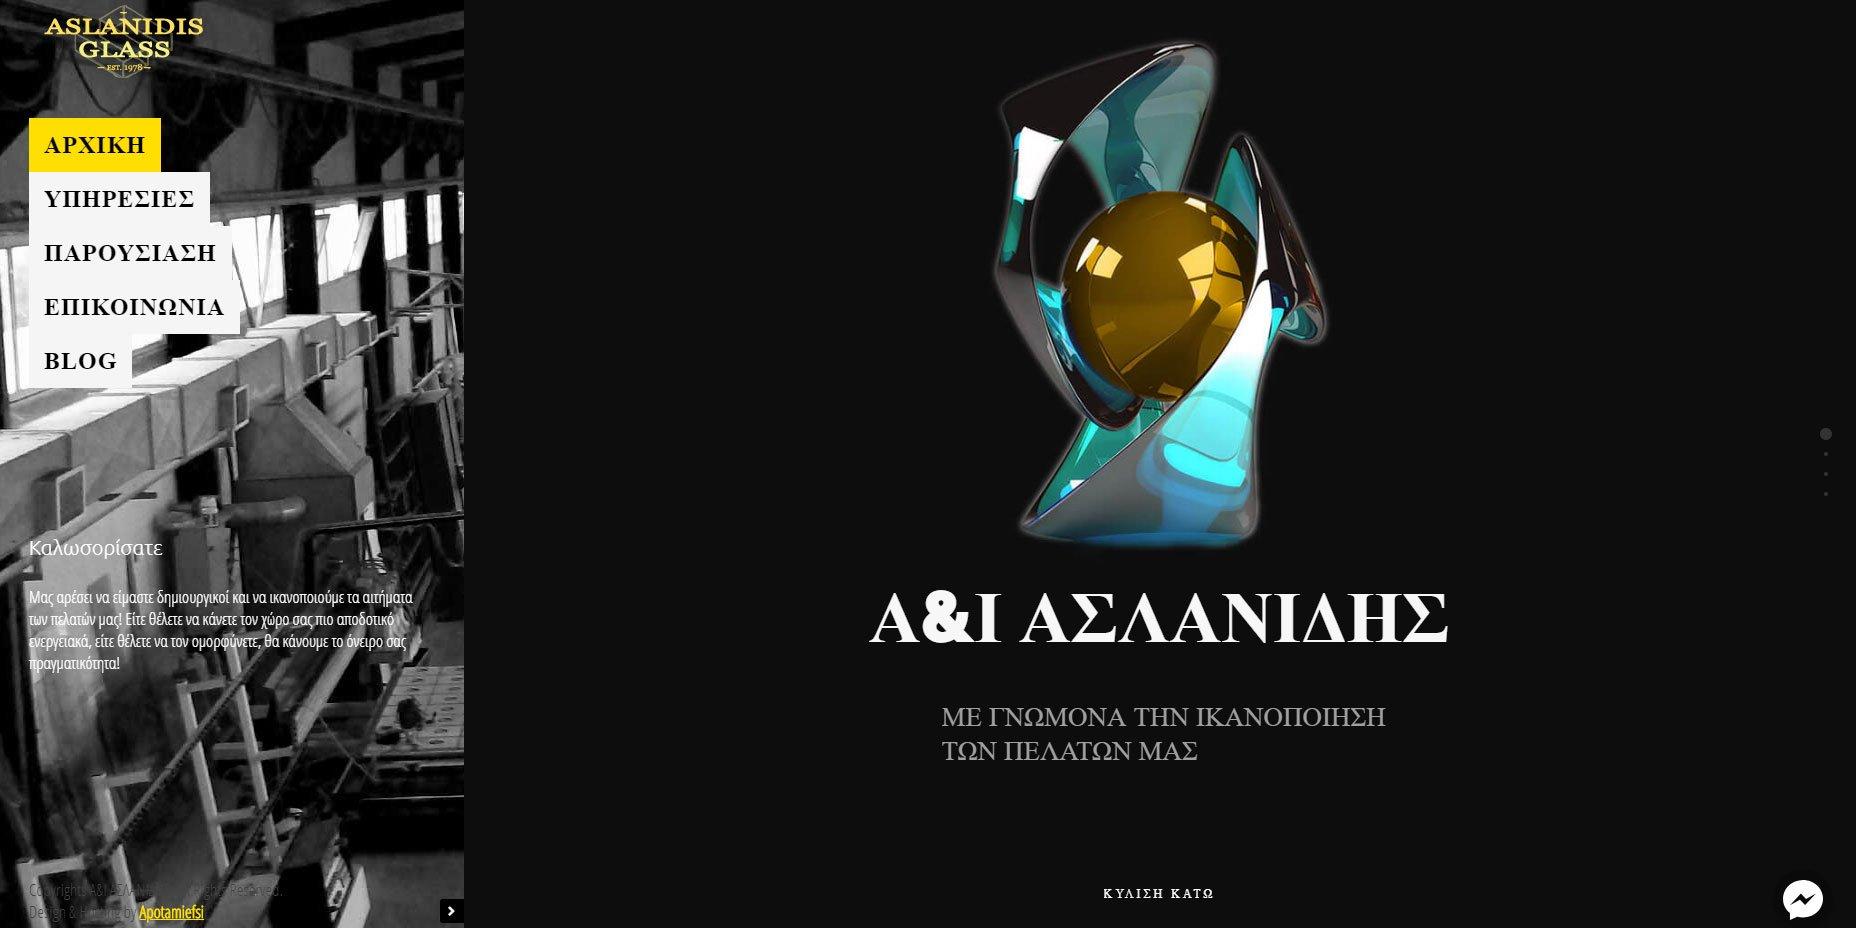 Aslanidis Glass